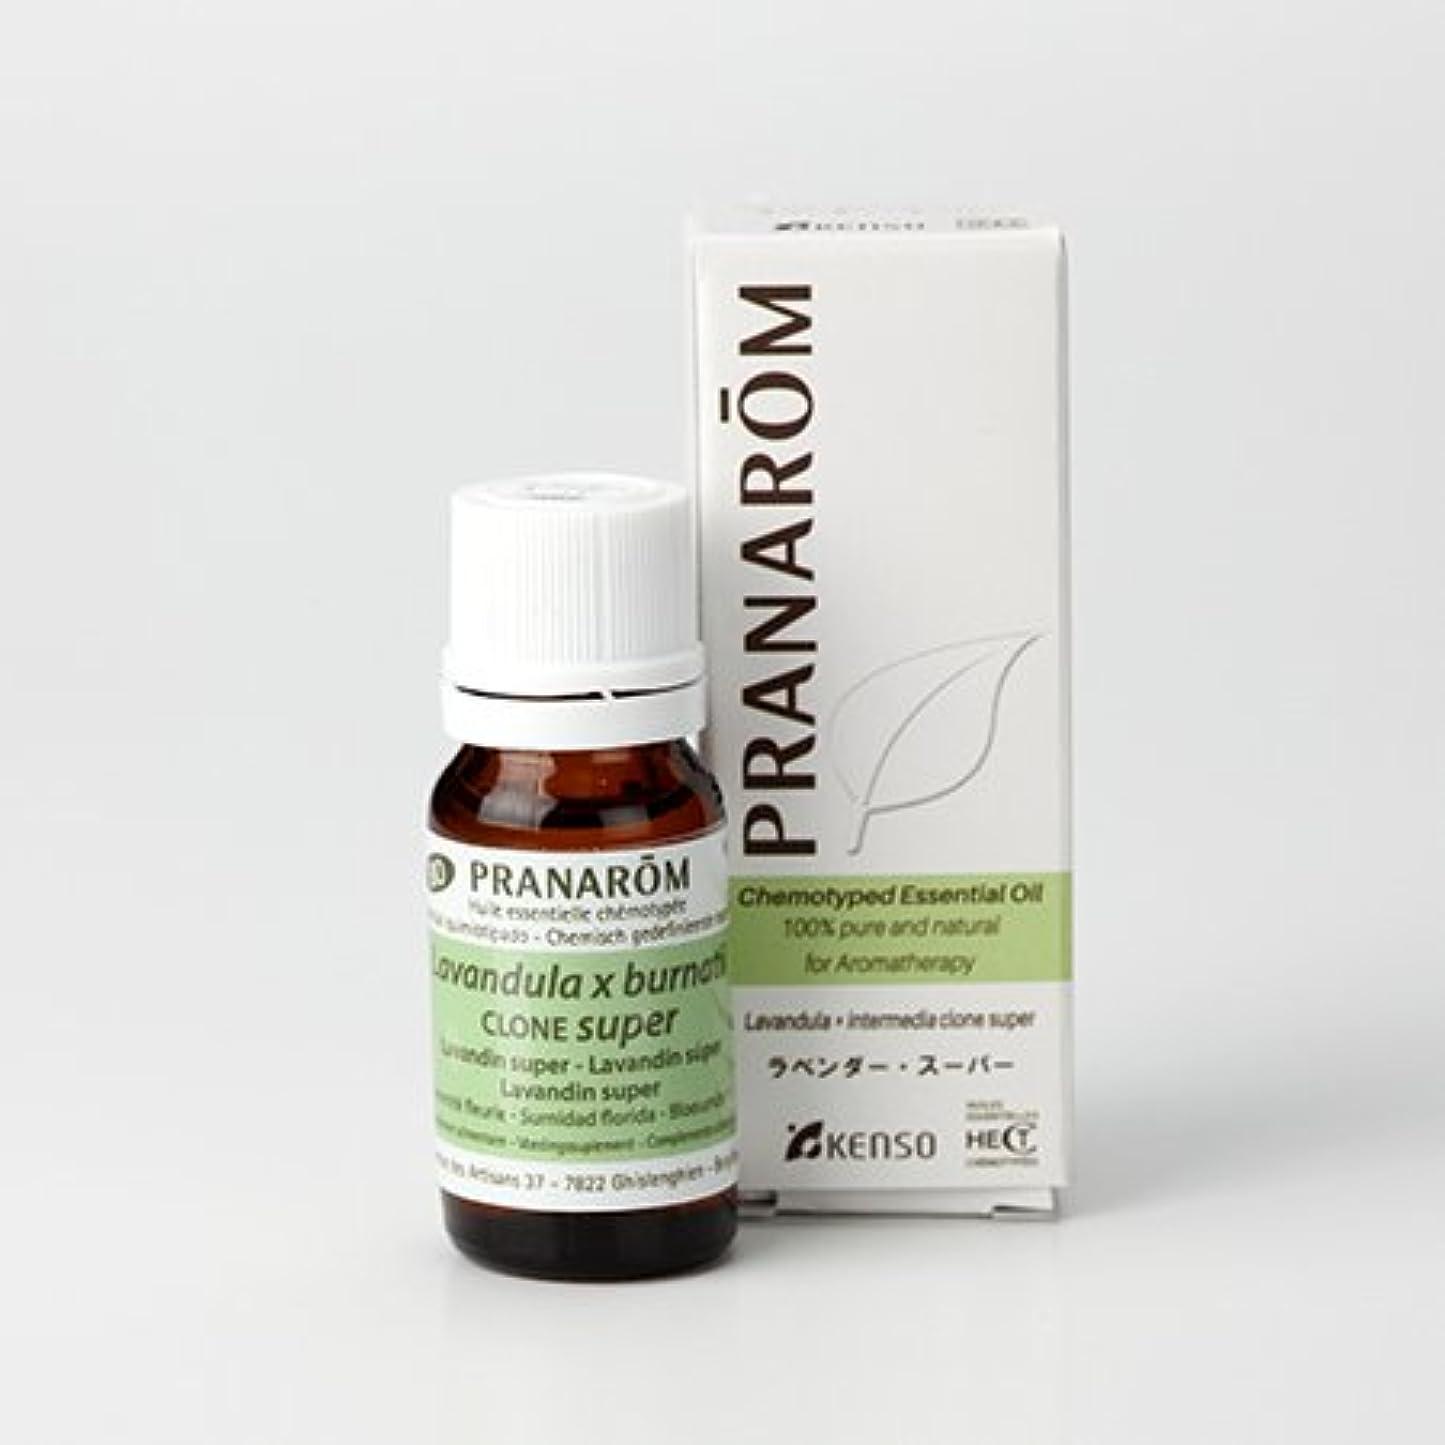 突き刺す発疹かすれたプラナロム ( PRANAROM ) 精油 ラベンダー?スーパー 10ml p-100 ラベンダースーパー